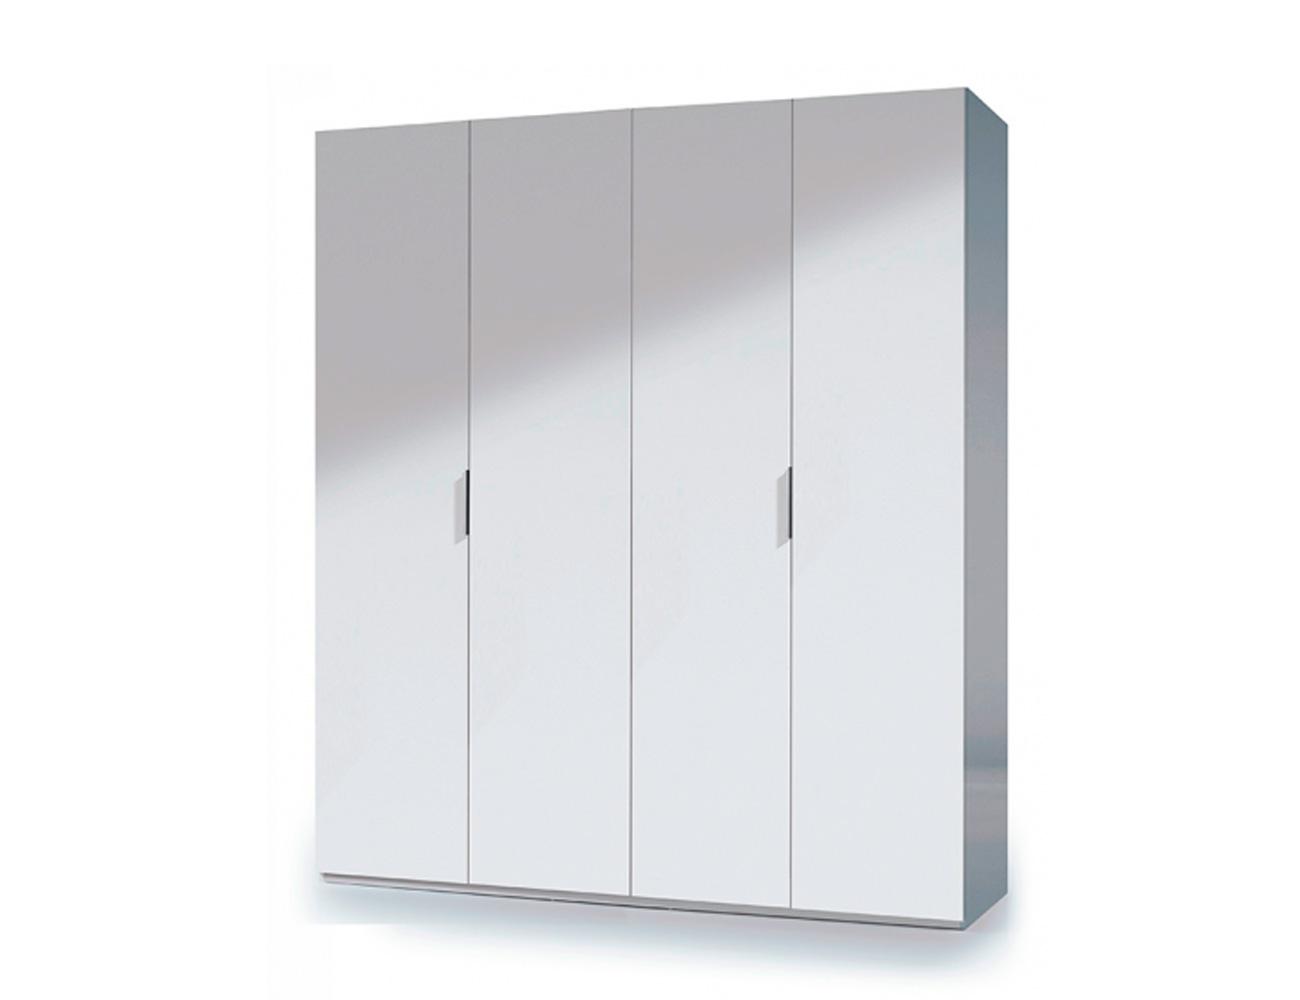 Armario 4 puertas mueble barato blanco